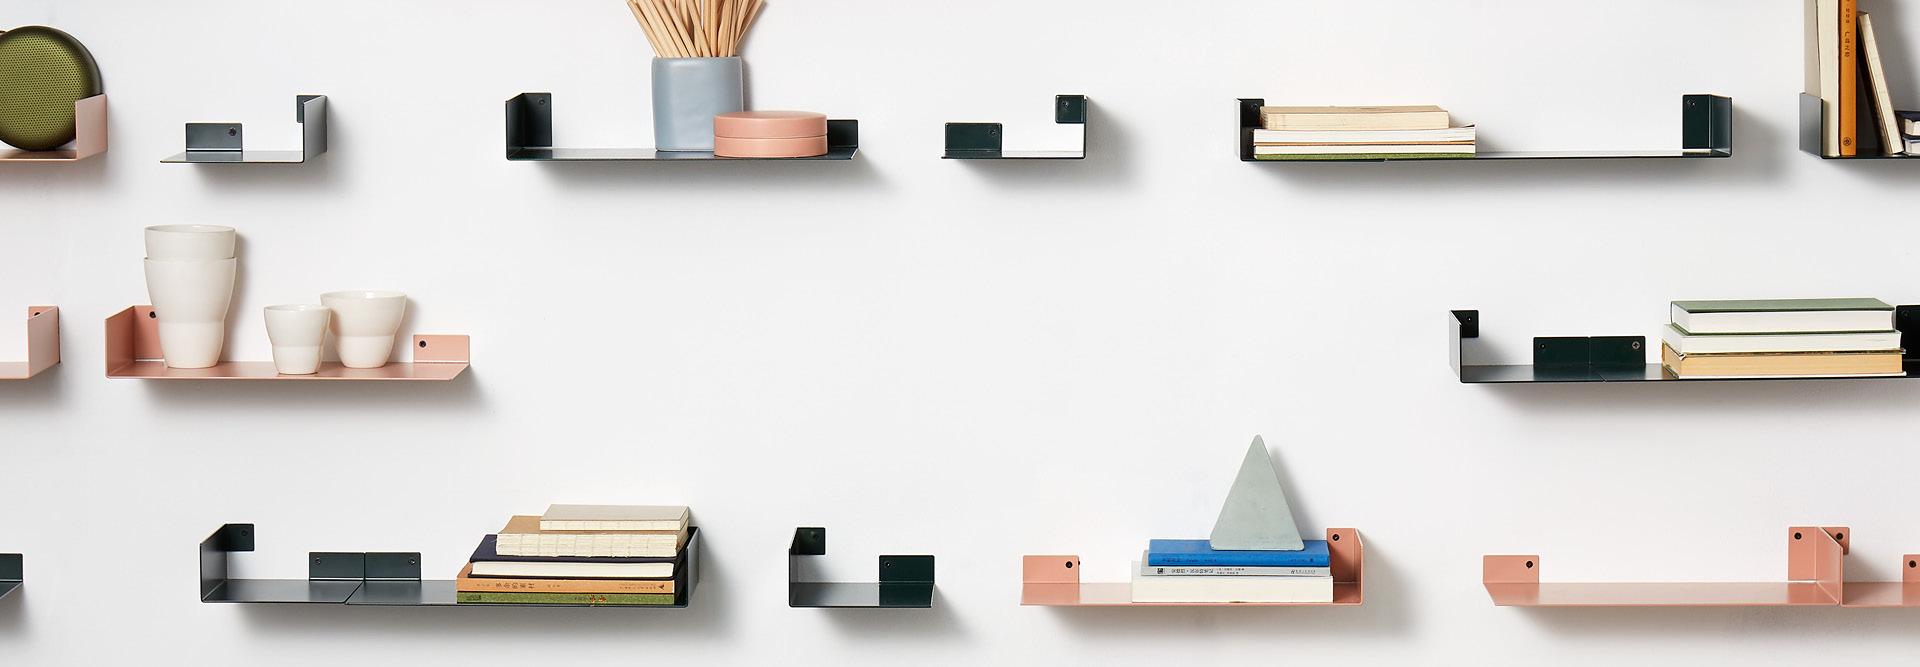 自由拼合模块,精彩生活的墙面笔记